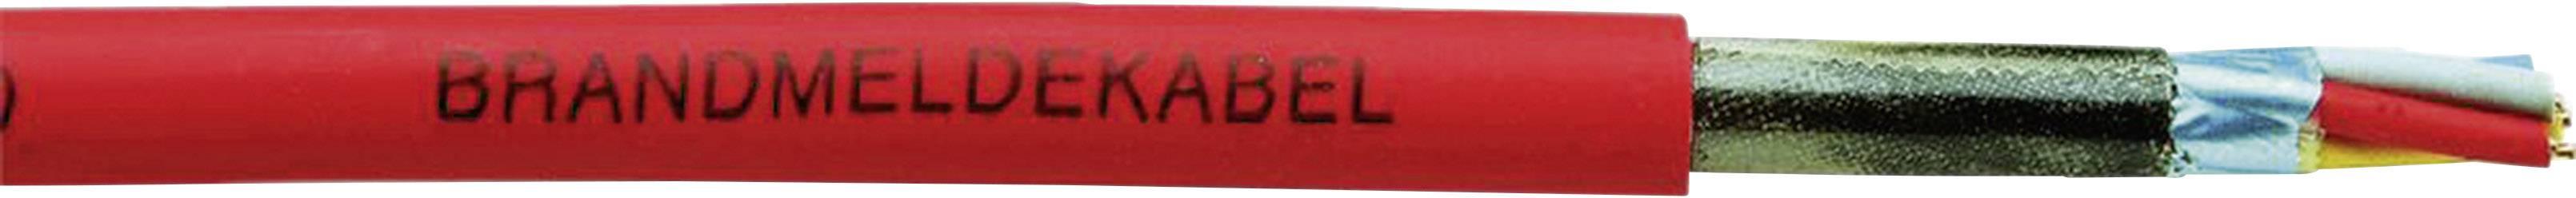 Kábel pre požiarne hlásiče J-H(St)H Faber Kabel J-H(ST)H 100354, 2 x 2 x 0.8 mm, červená, metrový tovar